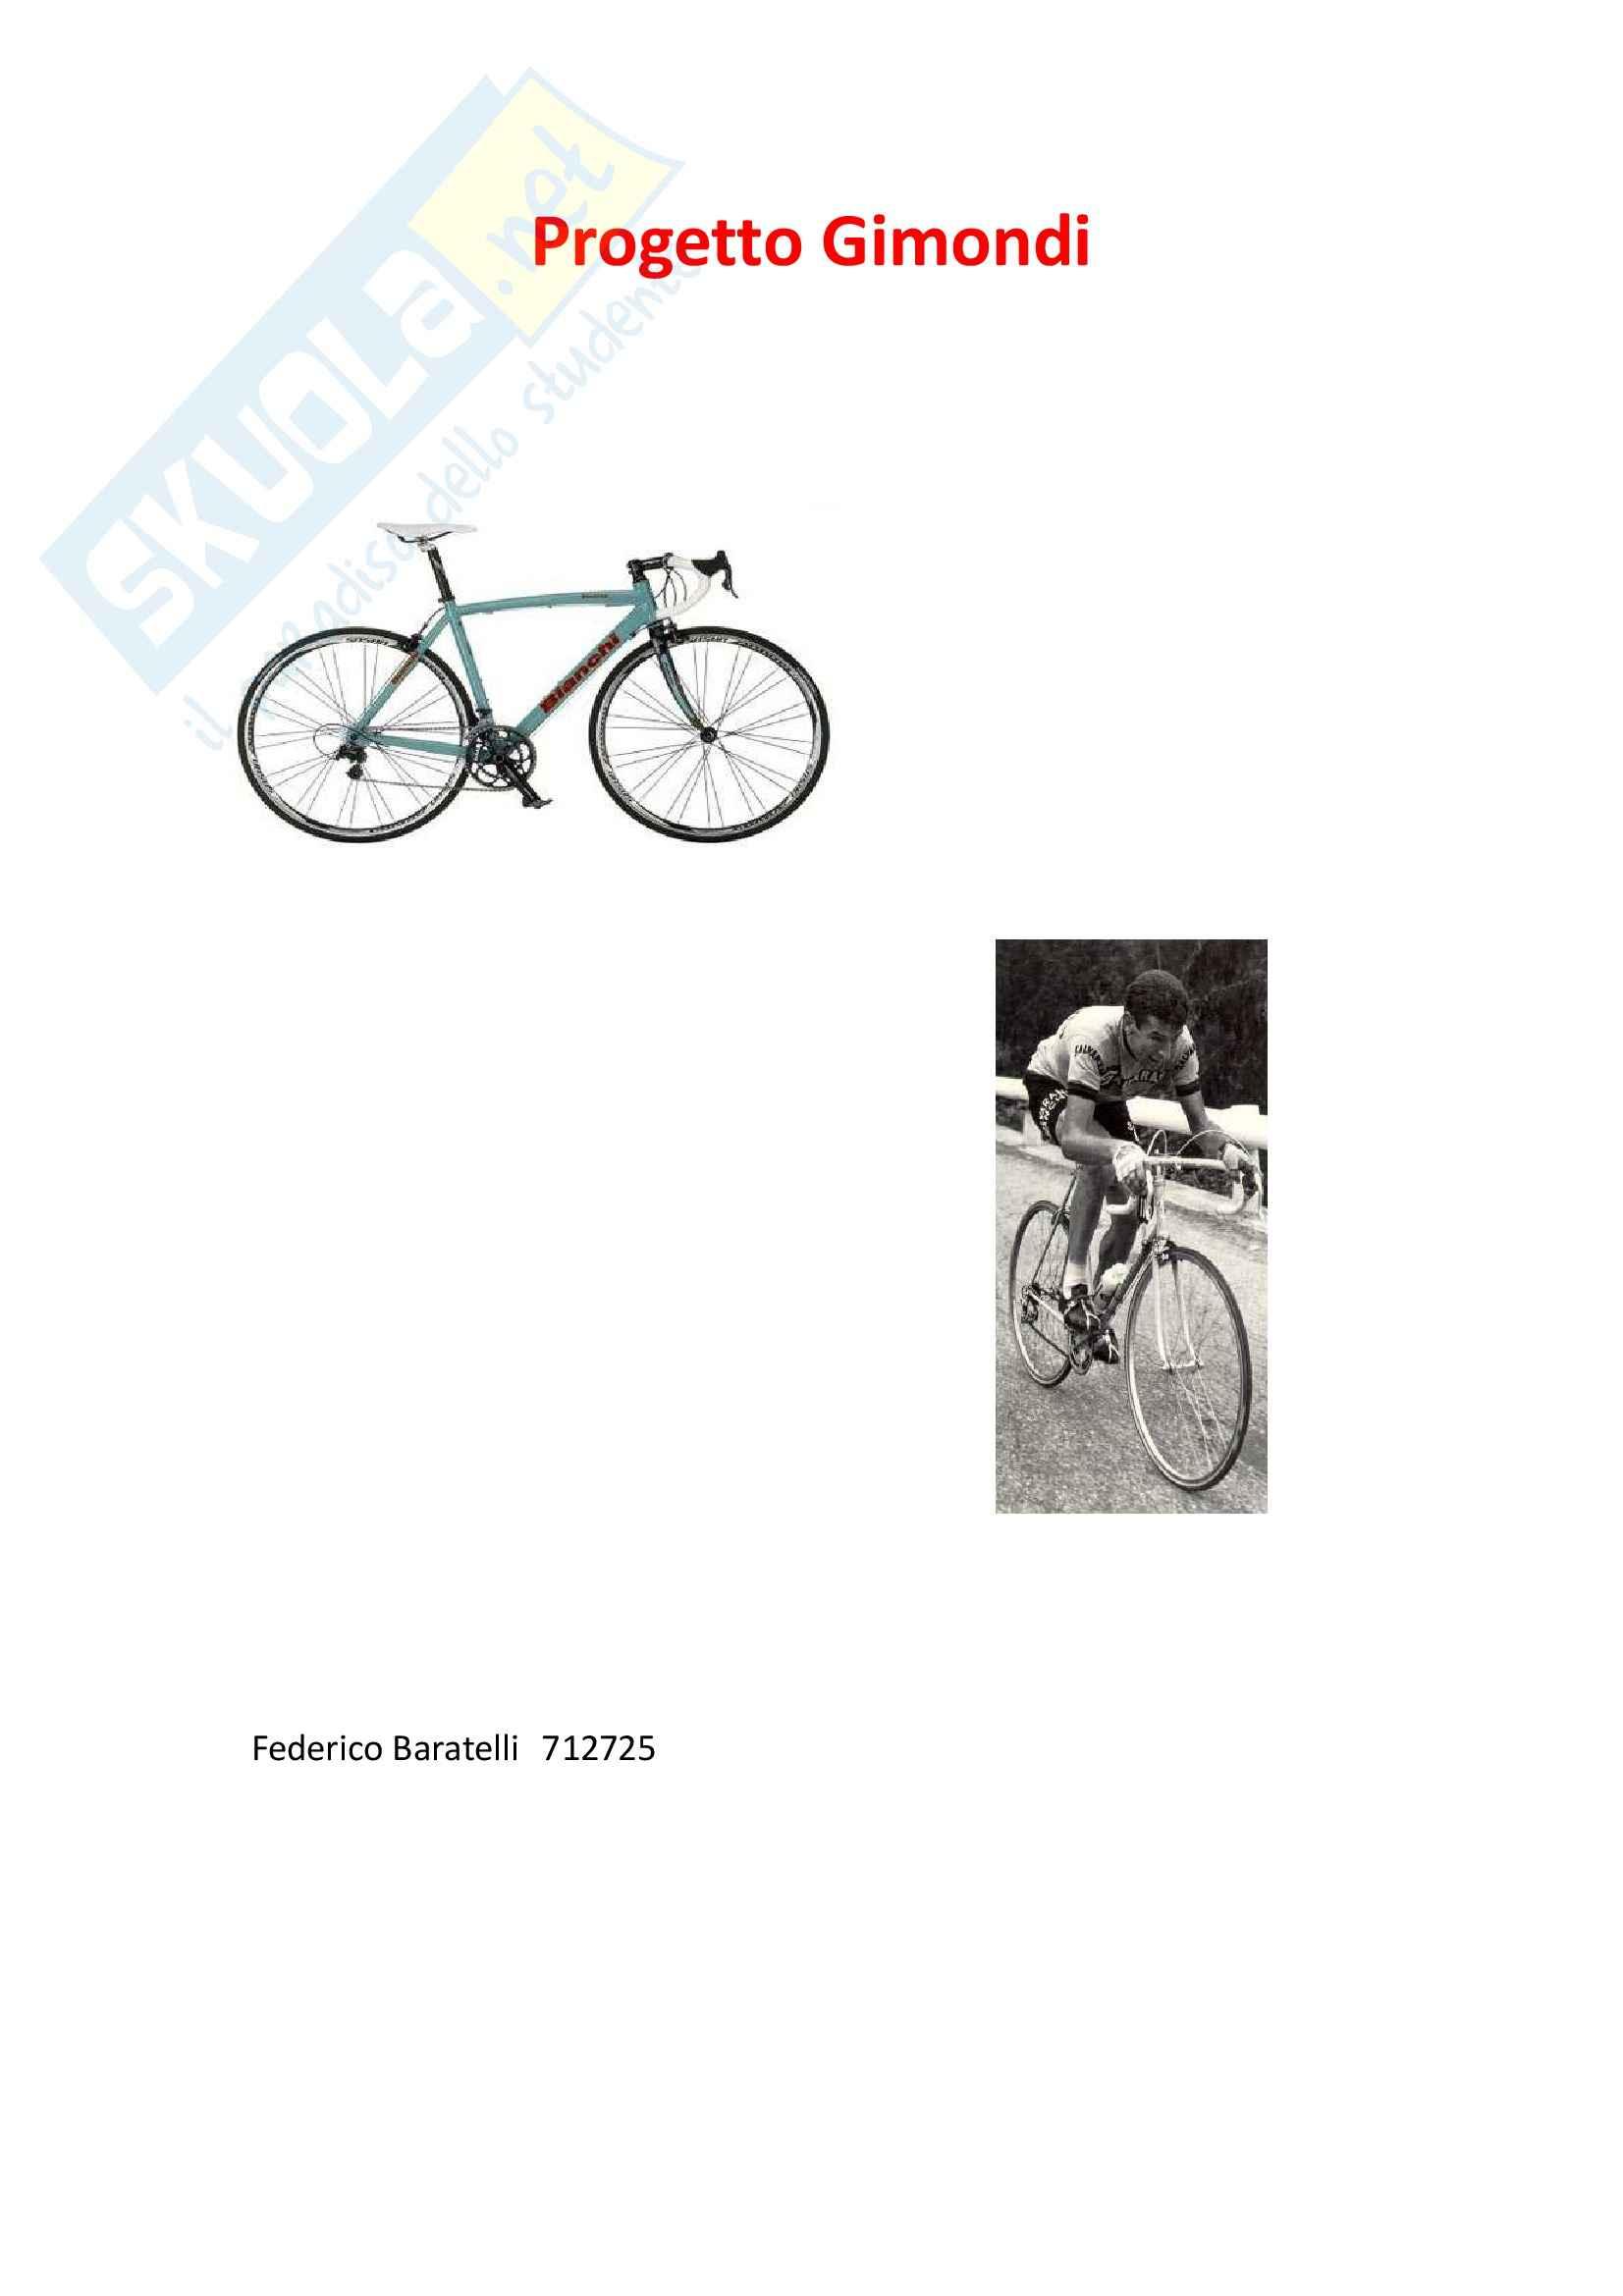 Analisi strutturale di un telaio di bicicletta